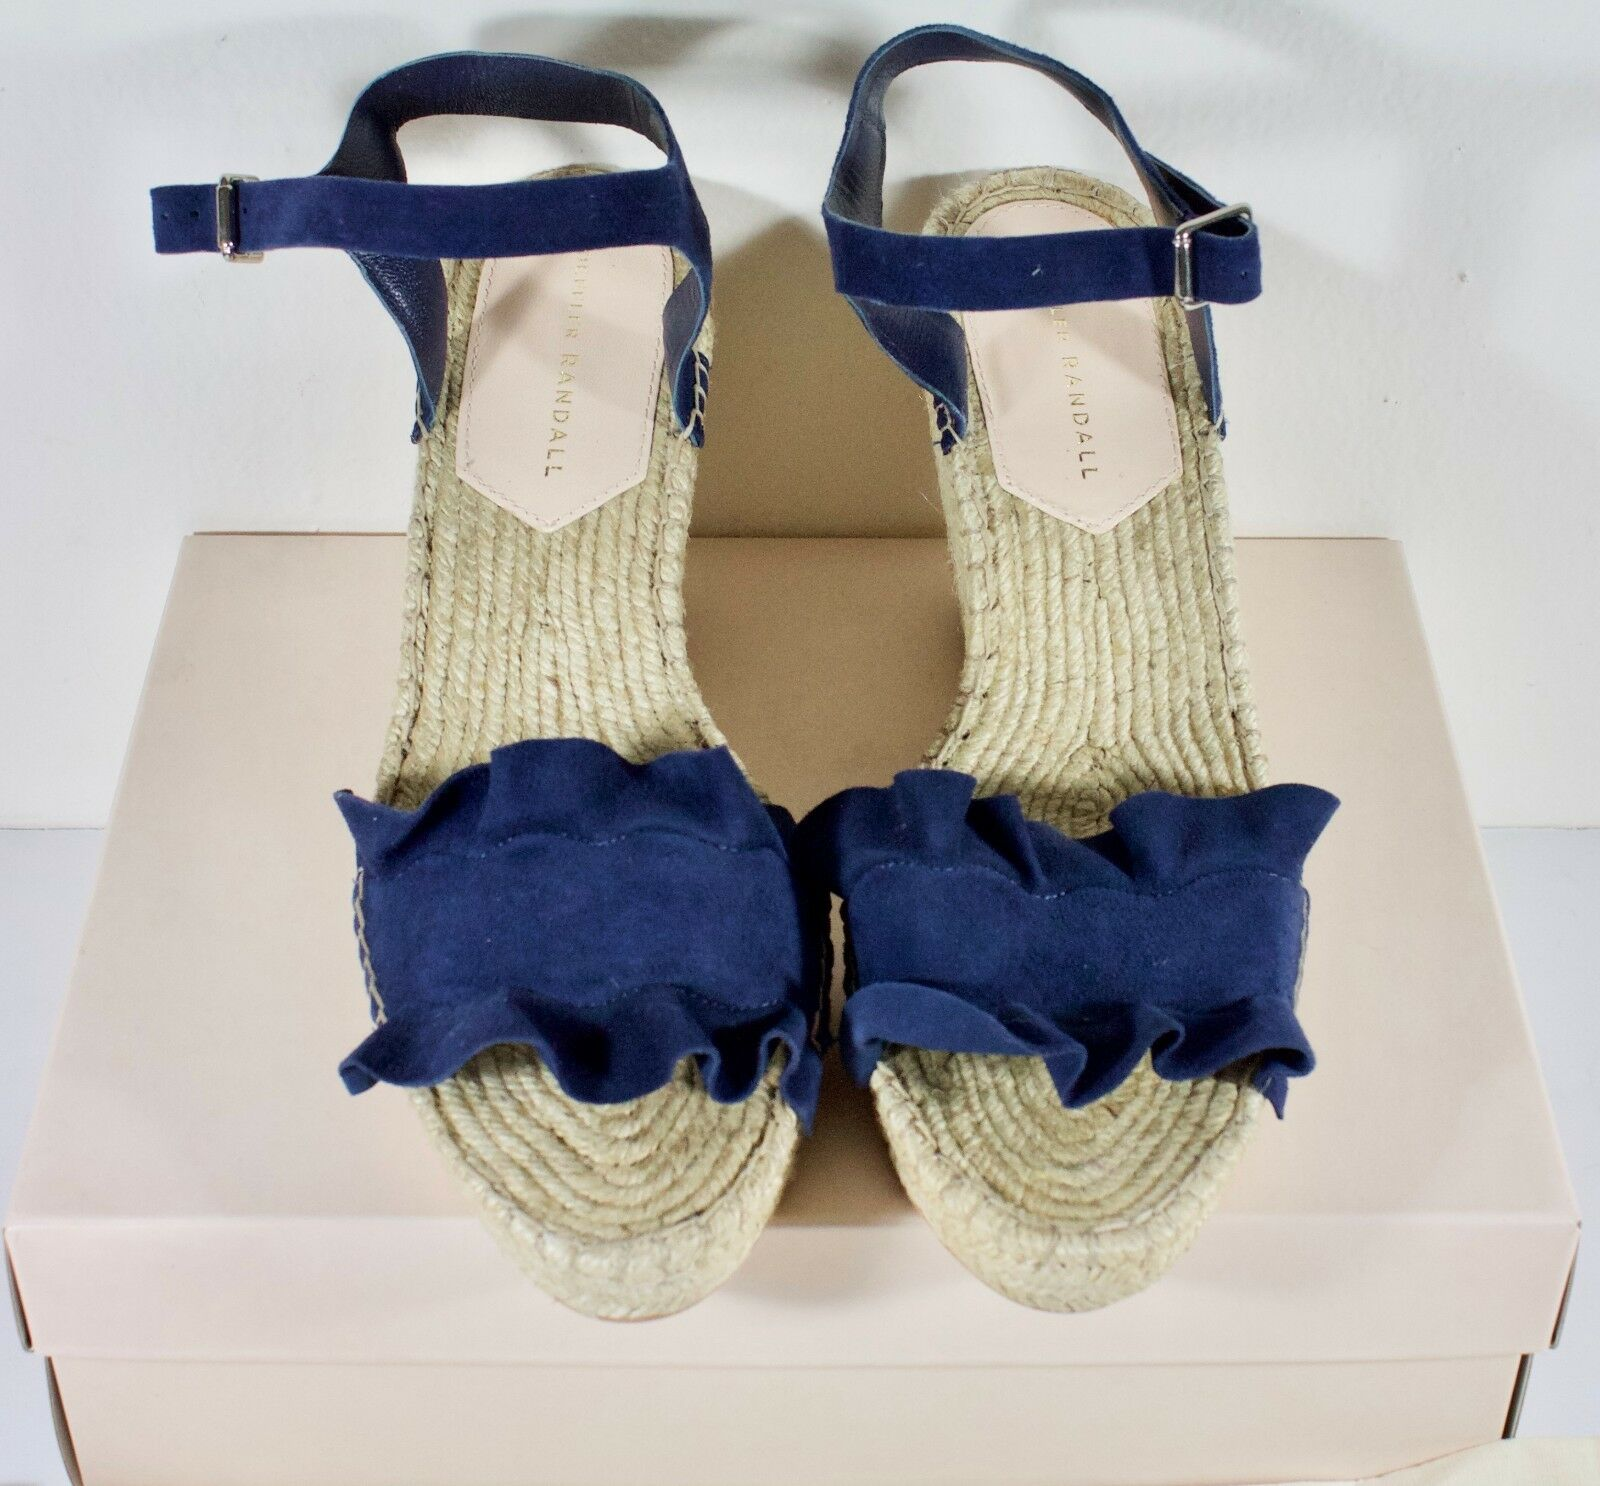 Loeffler Randall Gabby Azul Marino Tacón Cuña Cuña Cuña Sandalias para mujer Talla 10  295 venta al por menor  bienvenido a comprar